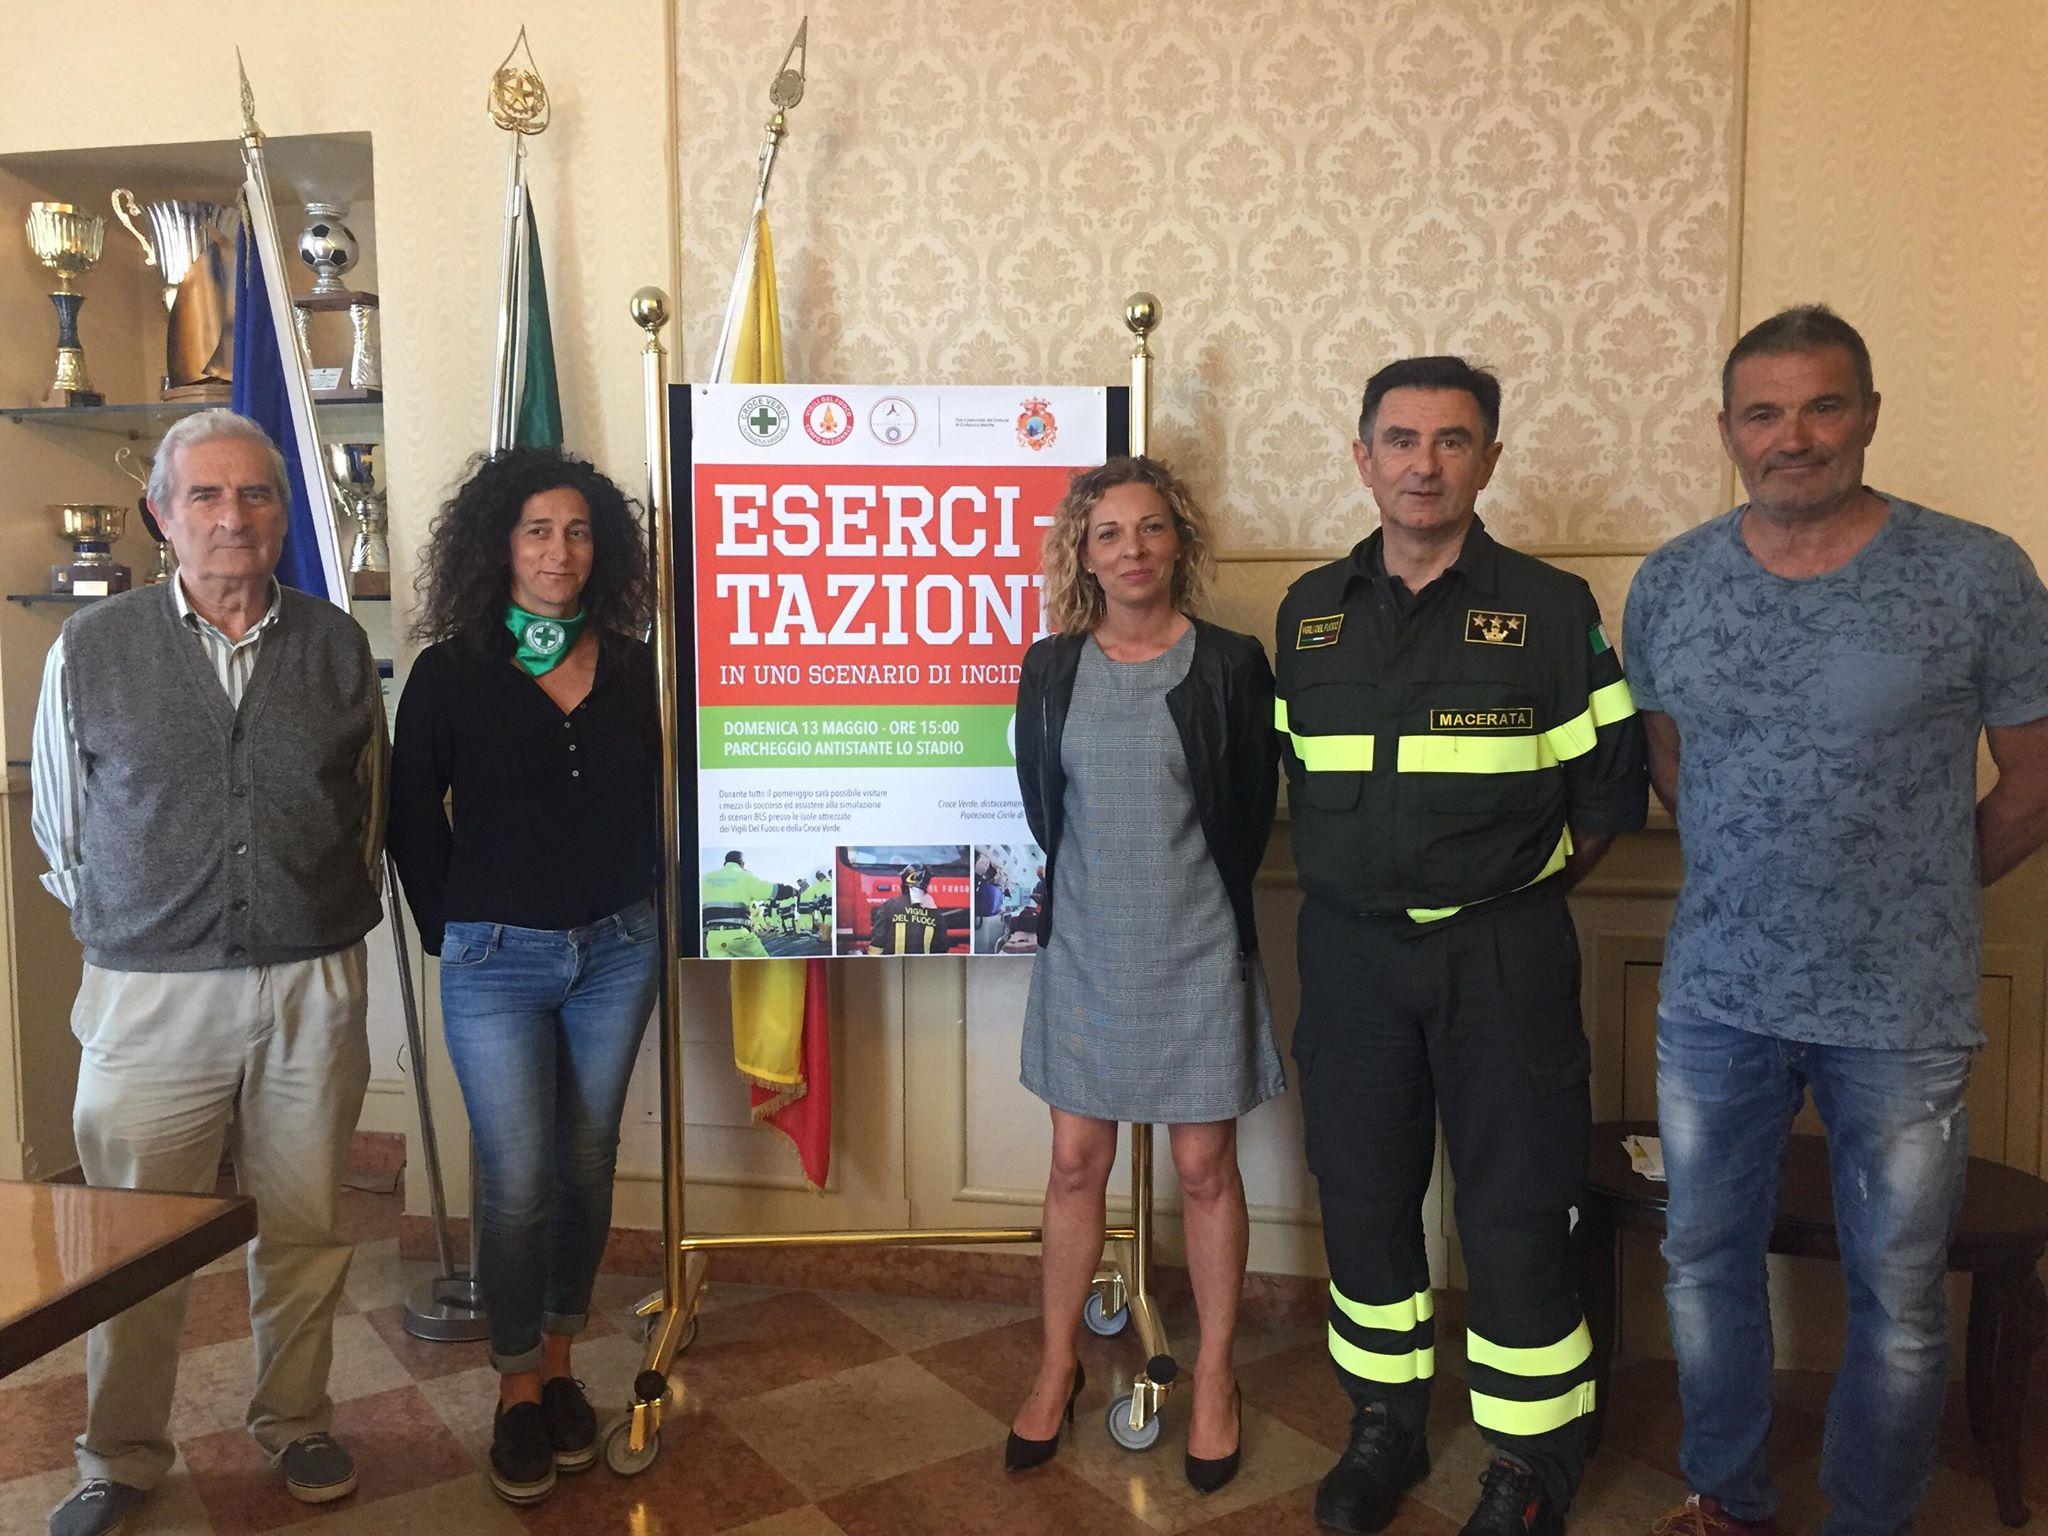 Esercitazione pubblica di soccorso a Civitanova Marche